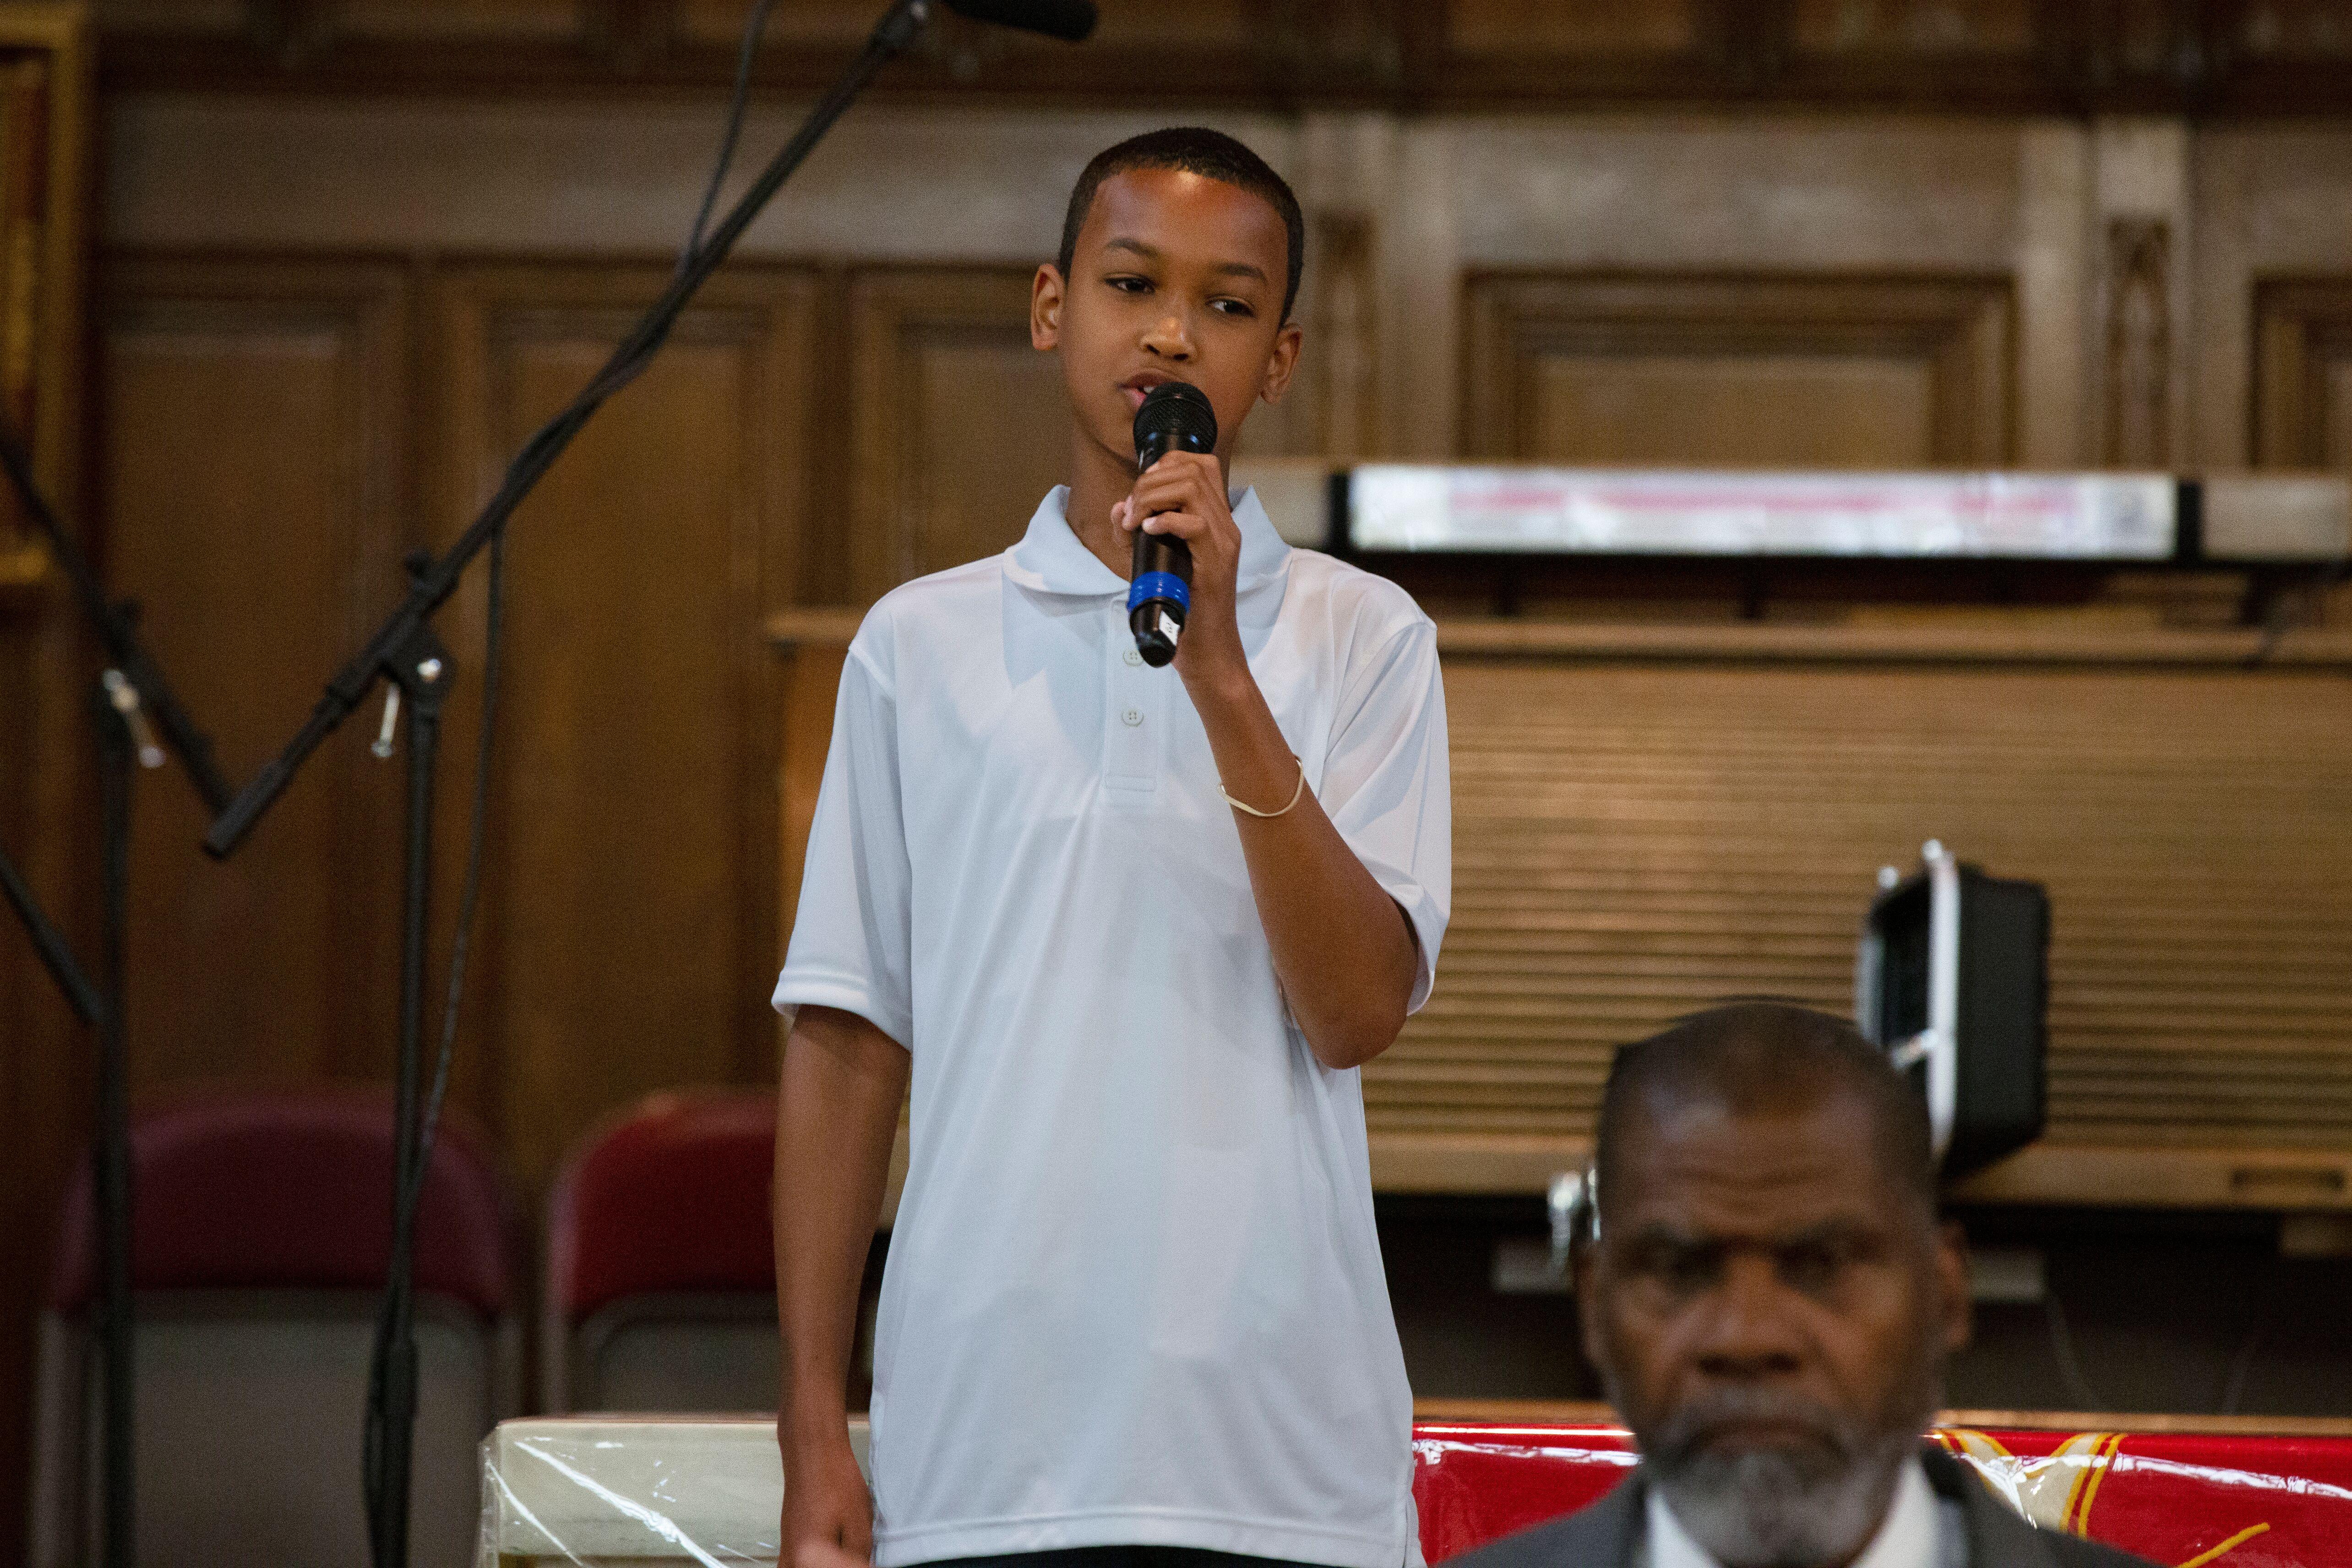 Boy speaking